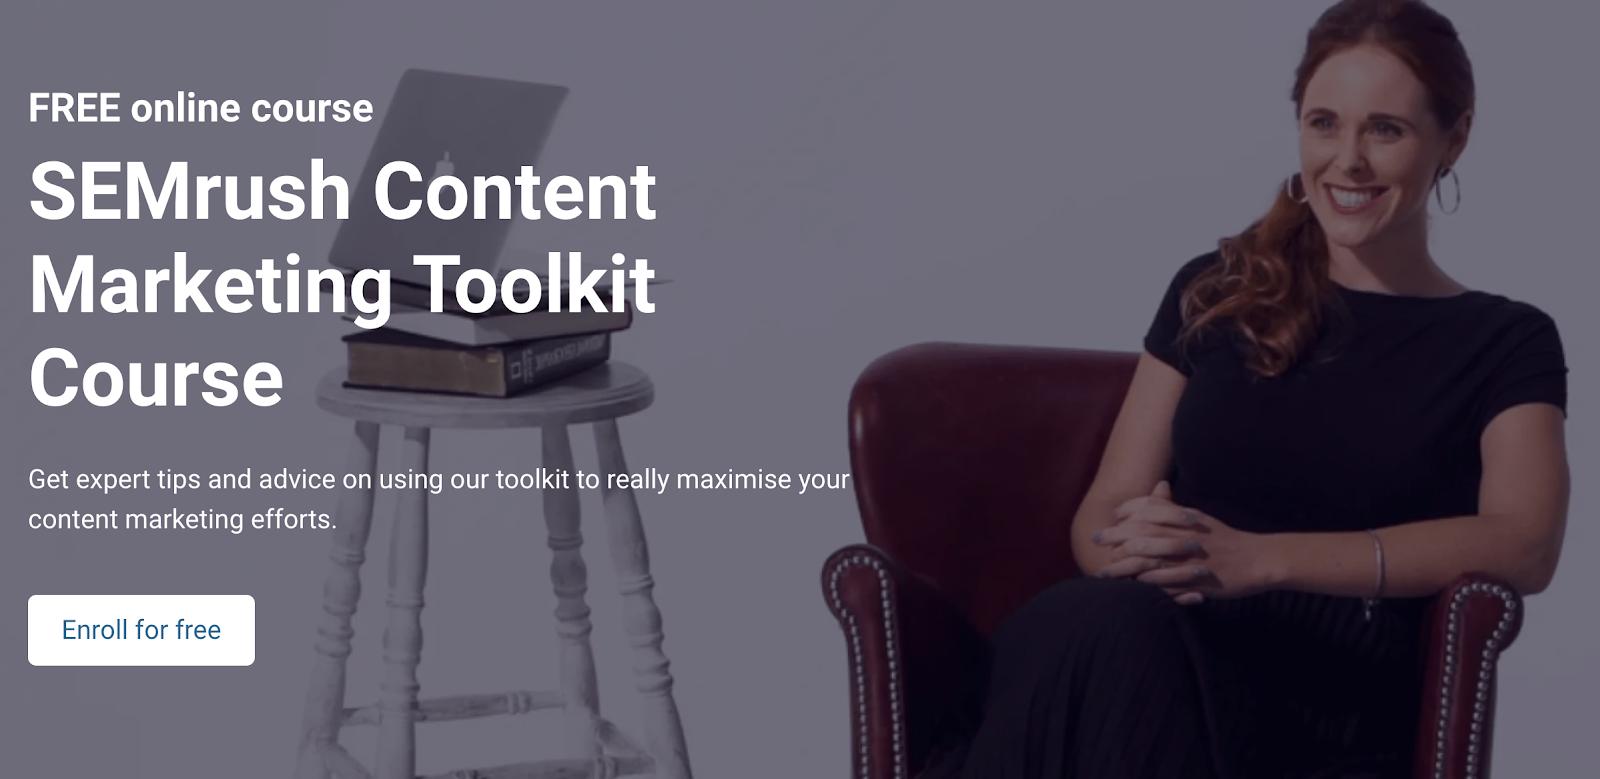 semrush content marketing toolkit course